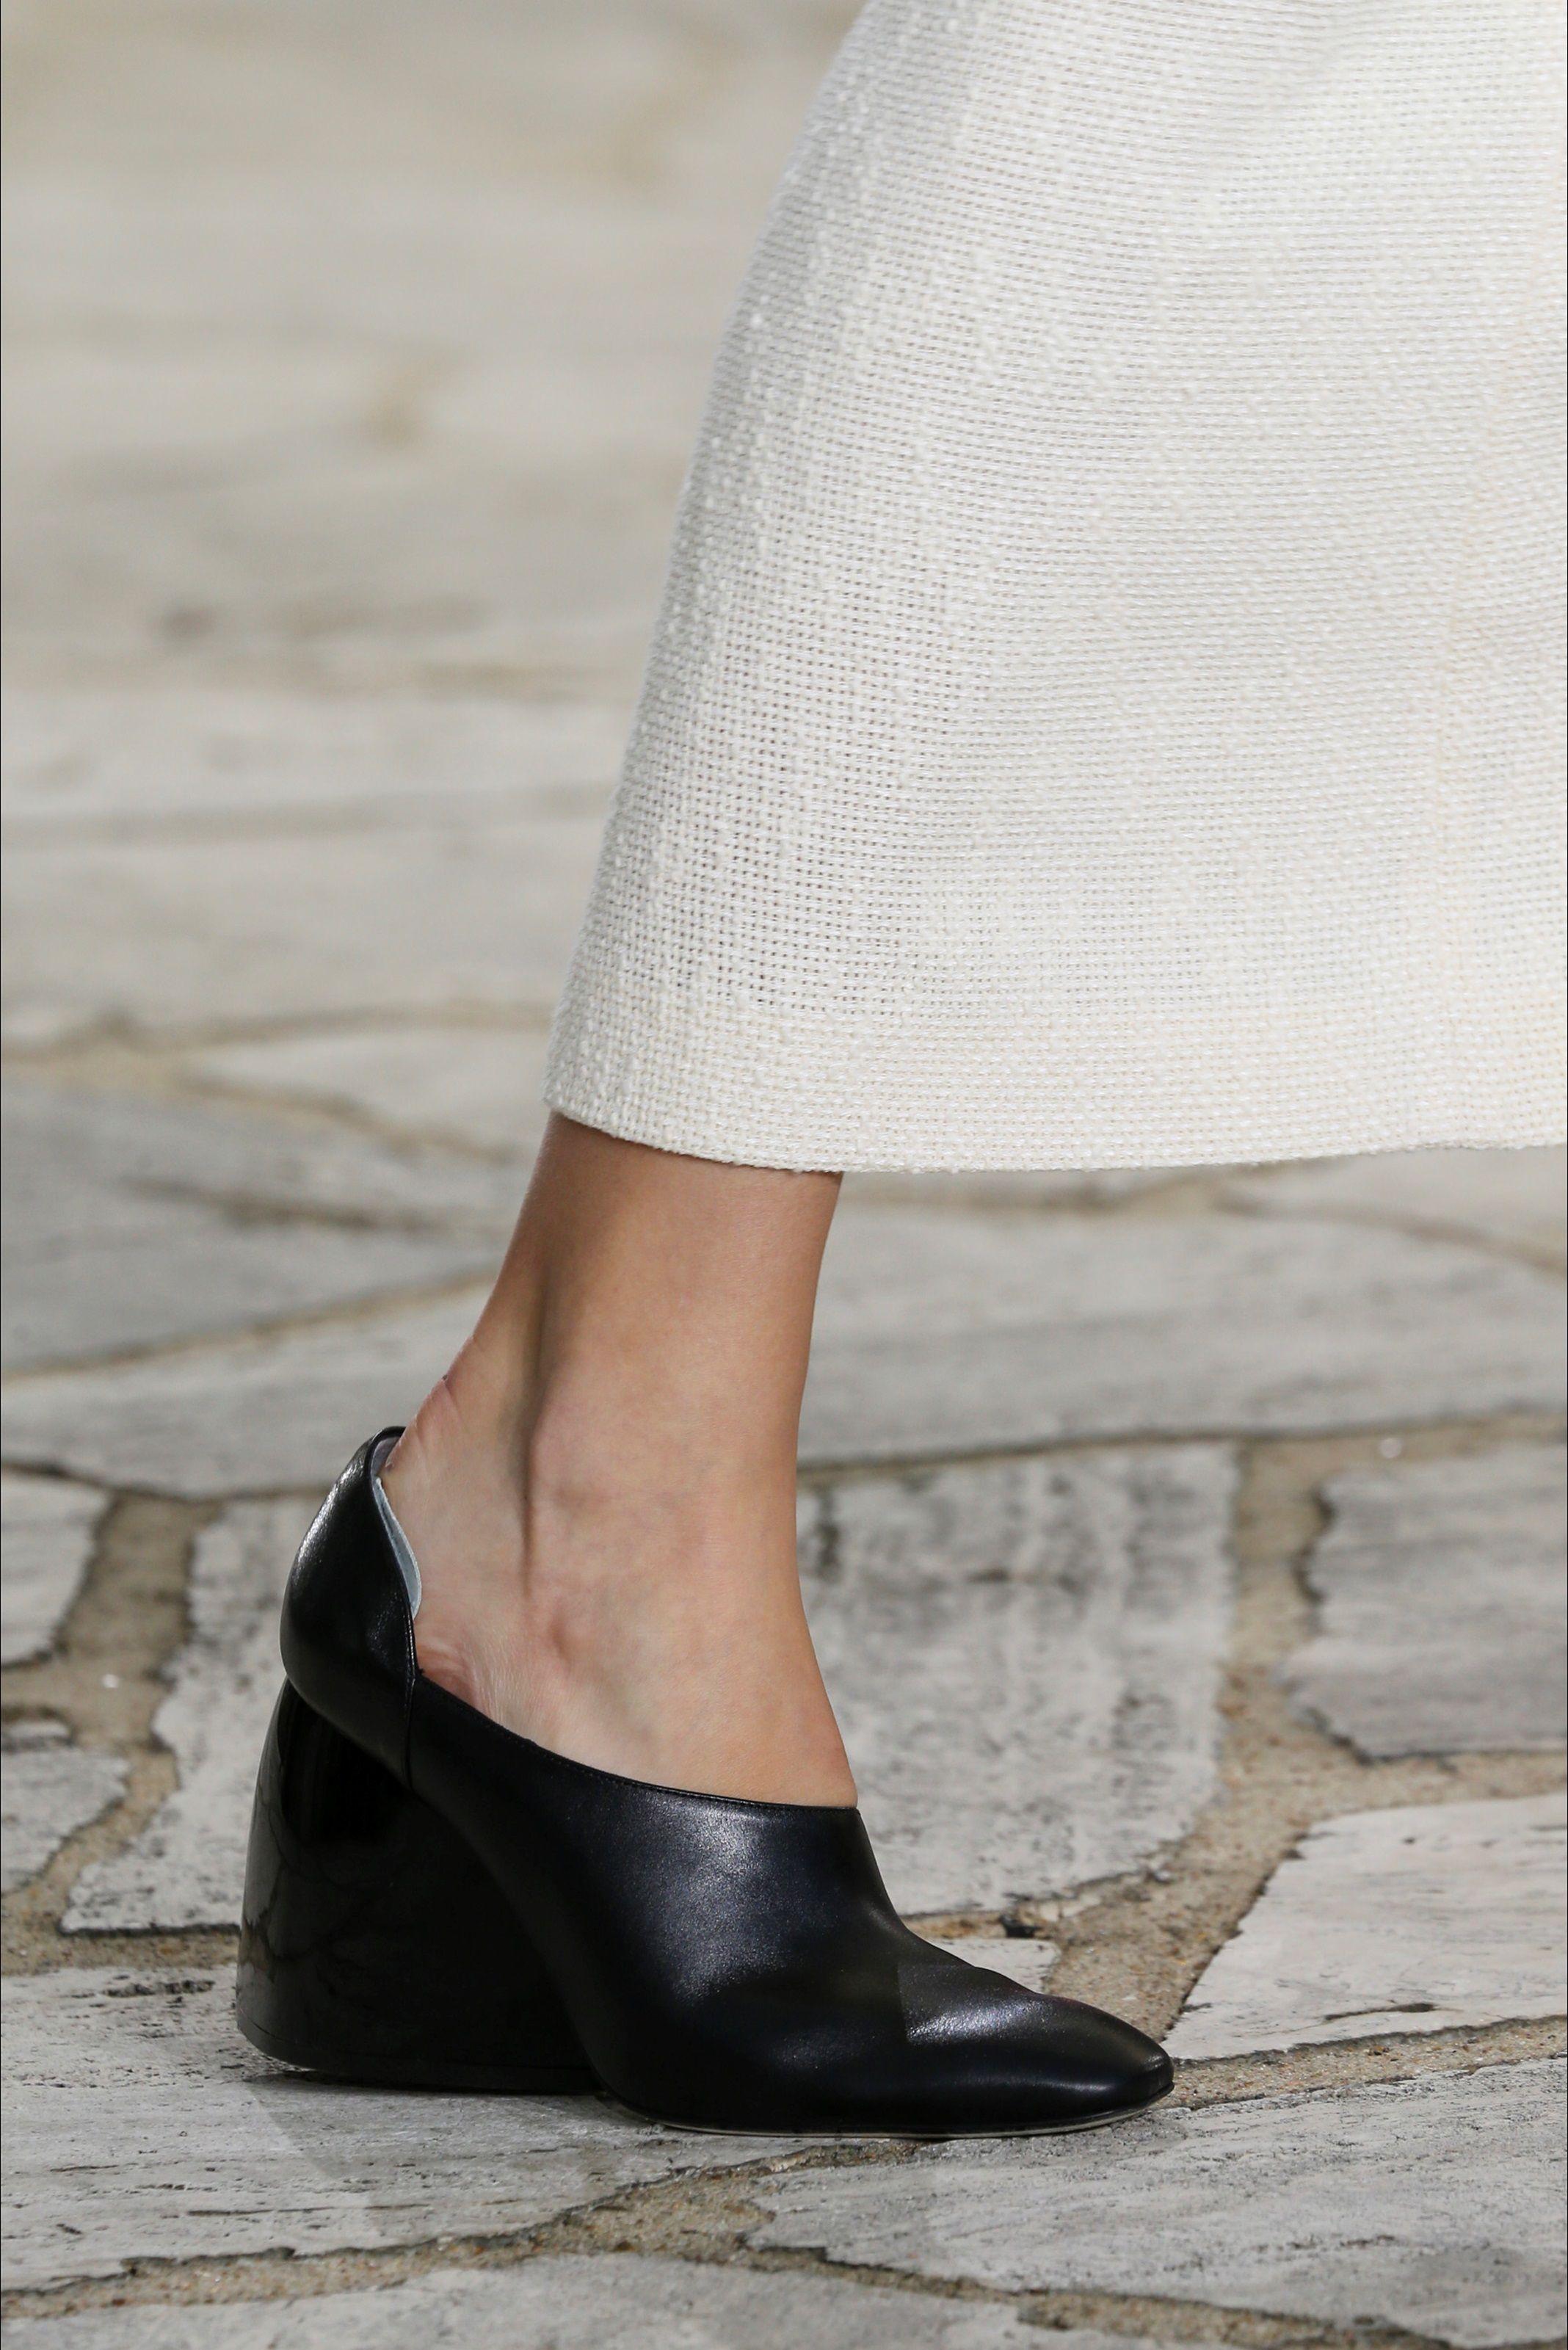 Sfilata Loewe Parigi - Collezioni Primavera Estate 2015 - Vogue